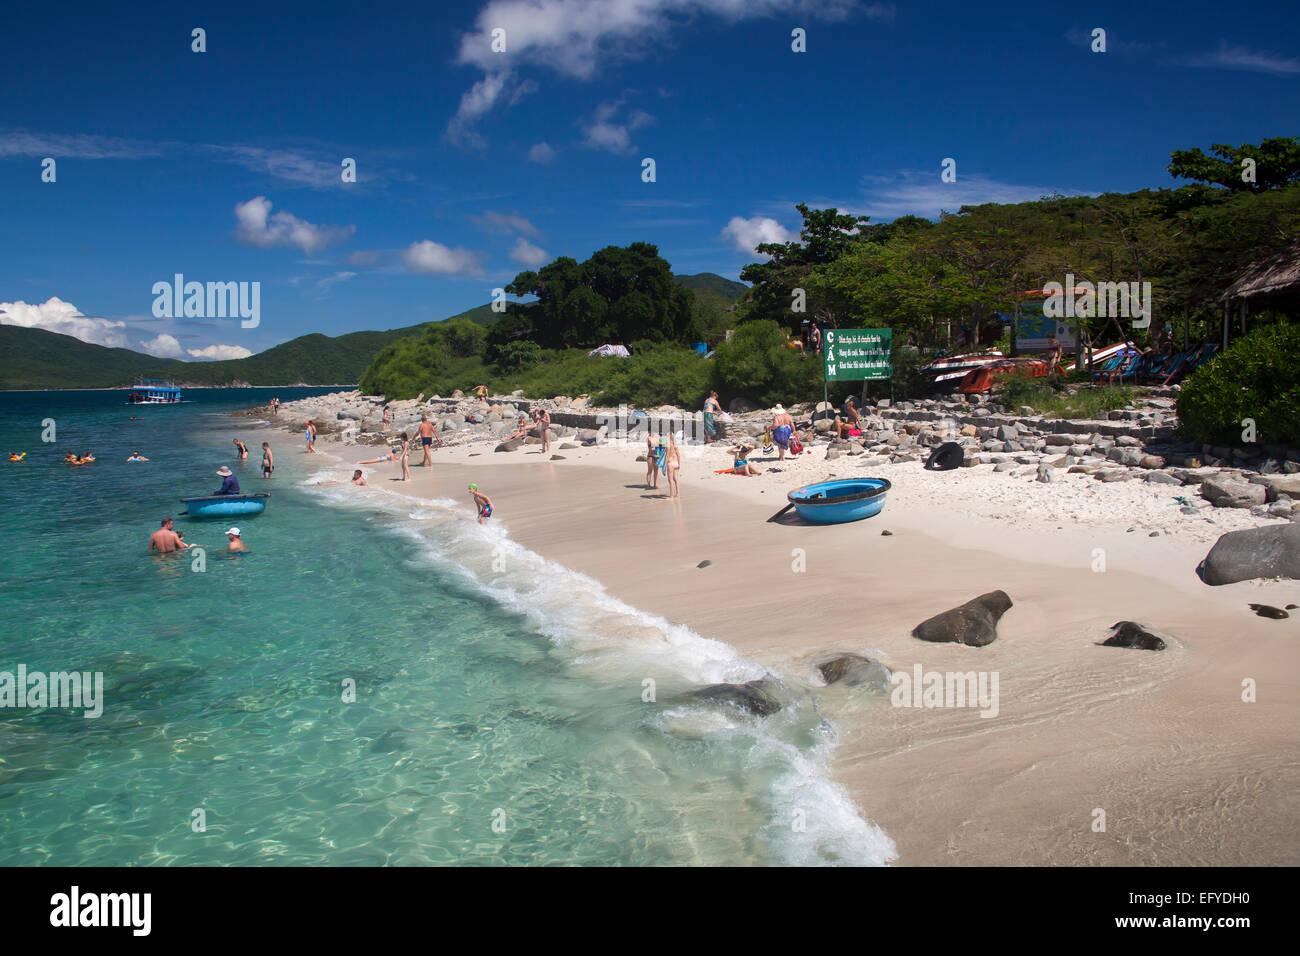 Beach of the island of Hon Mun, Nha Trang Bay, South China Sea, Nha Trang, Vietnam - Stock Image